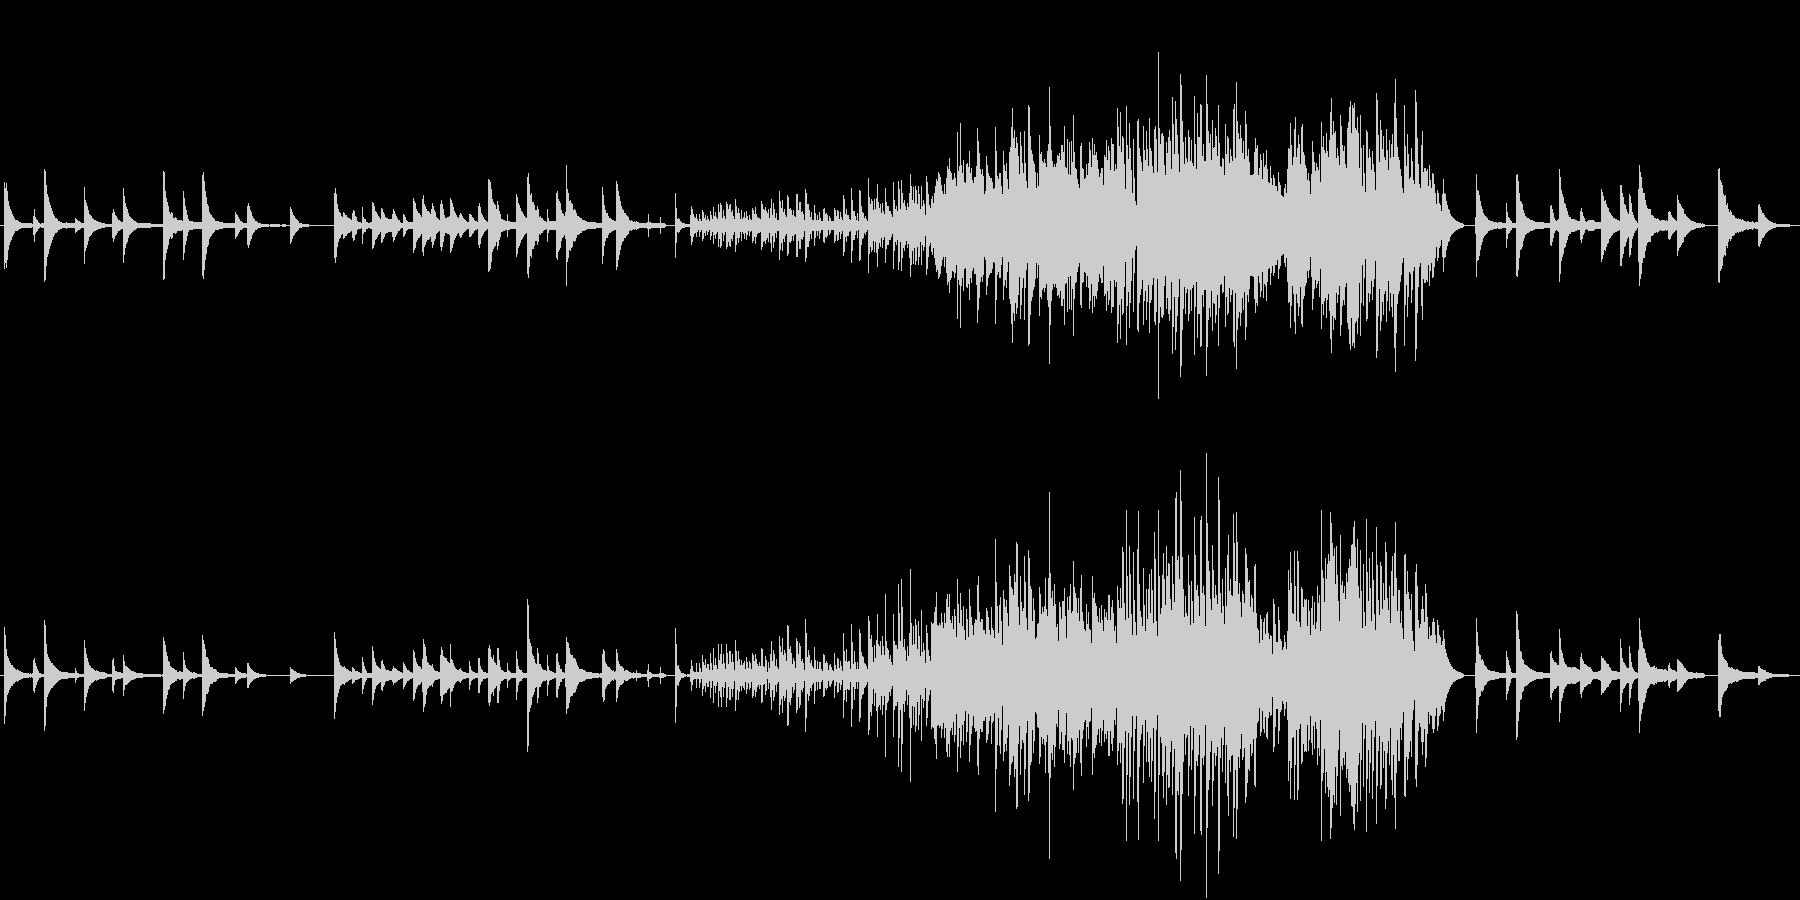 悲観的なピアノ曲の未再生の波形